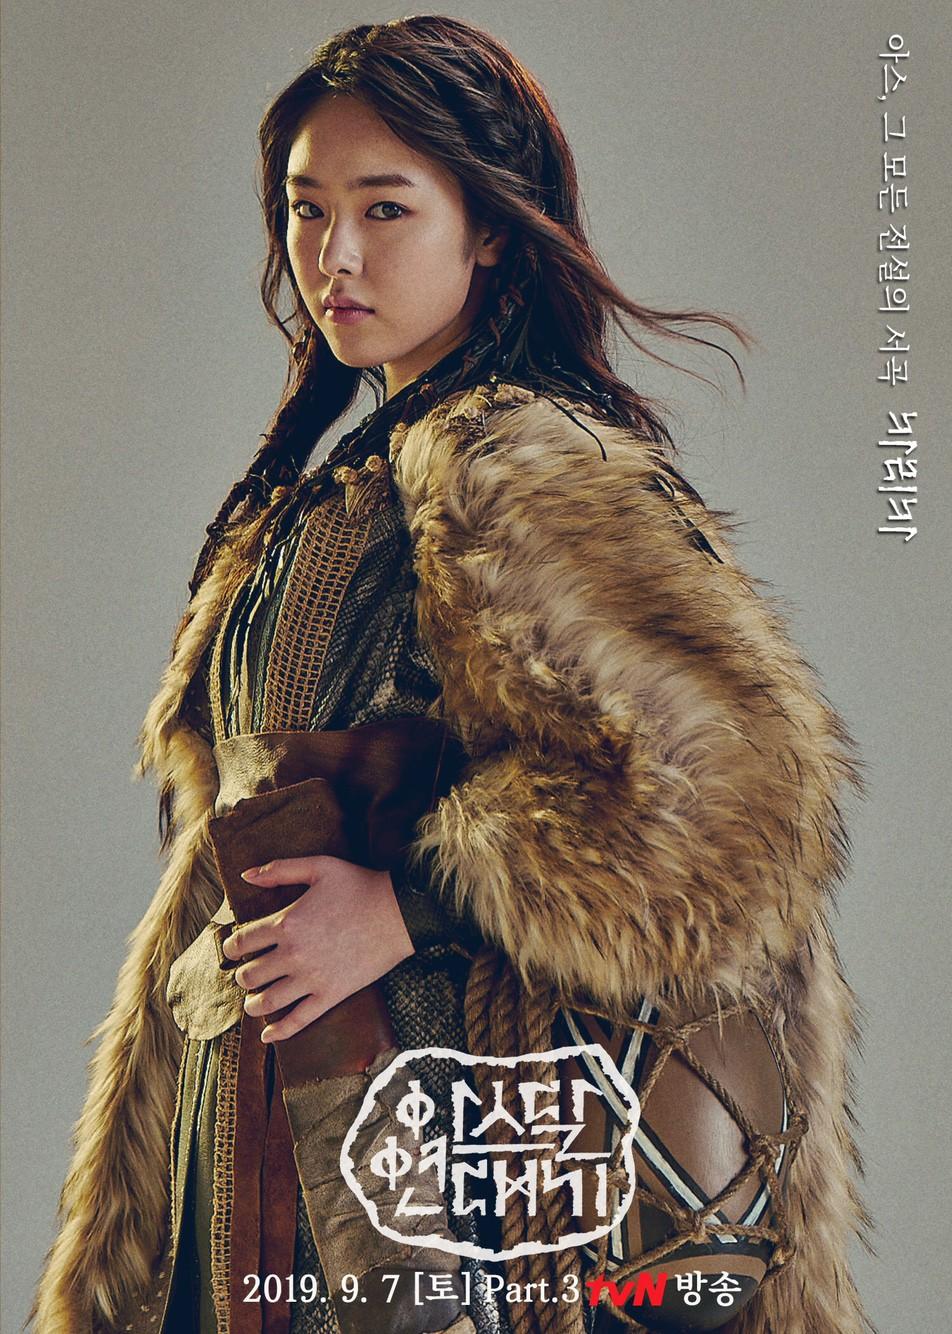 7 bóng hồng của Song Joong Ki ở Arthdal: Hết BLACKPINK, con lai Nga Hàn tới mỹ nhân Nhật đẹp nức lòng người xem - Ảnh 10.